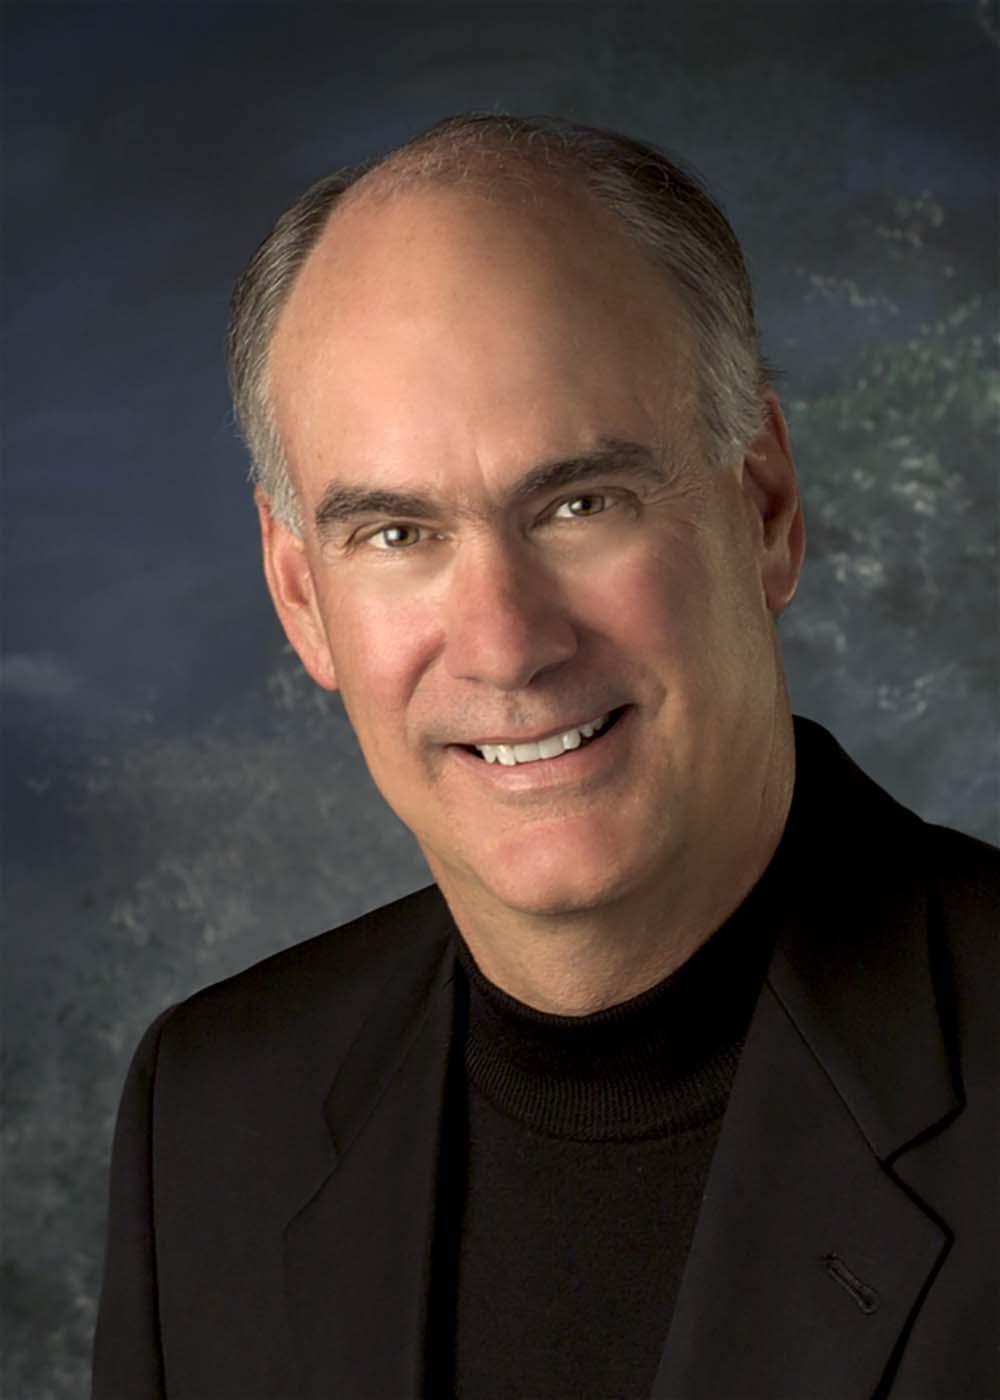 Frank H. Ross